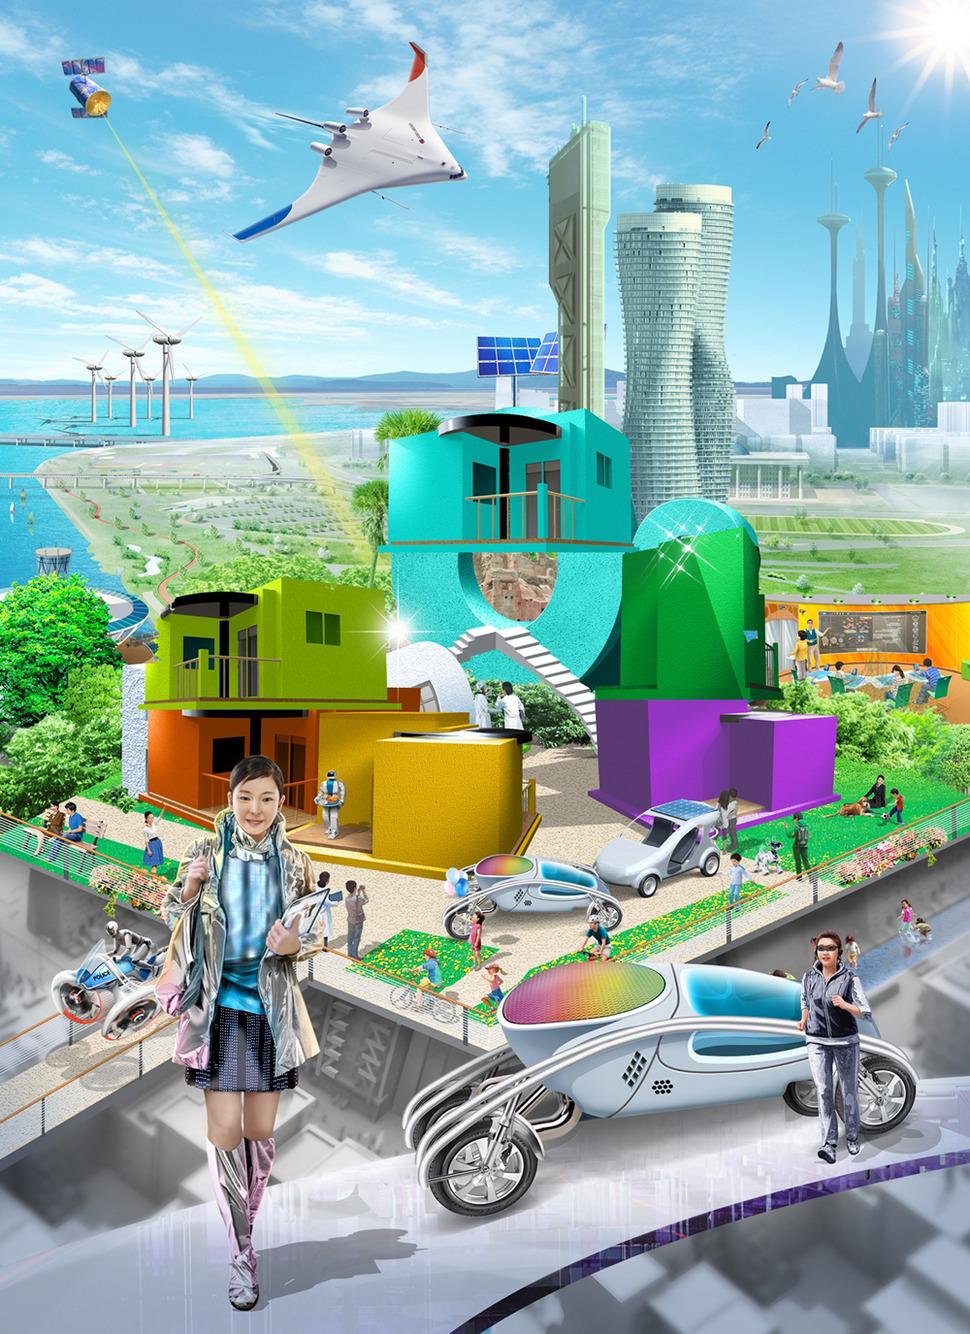 한국공학한림원이 전망한 '2035년, 대한민국의 모습'